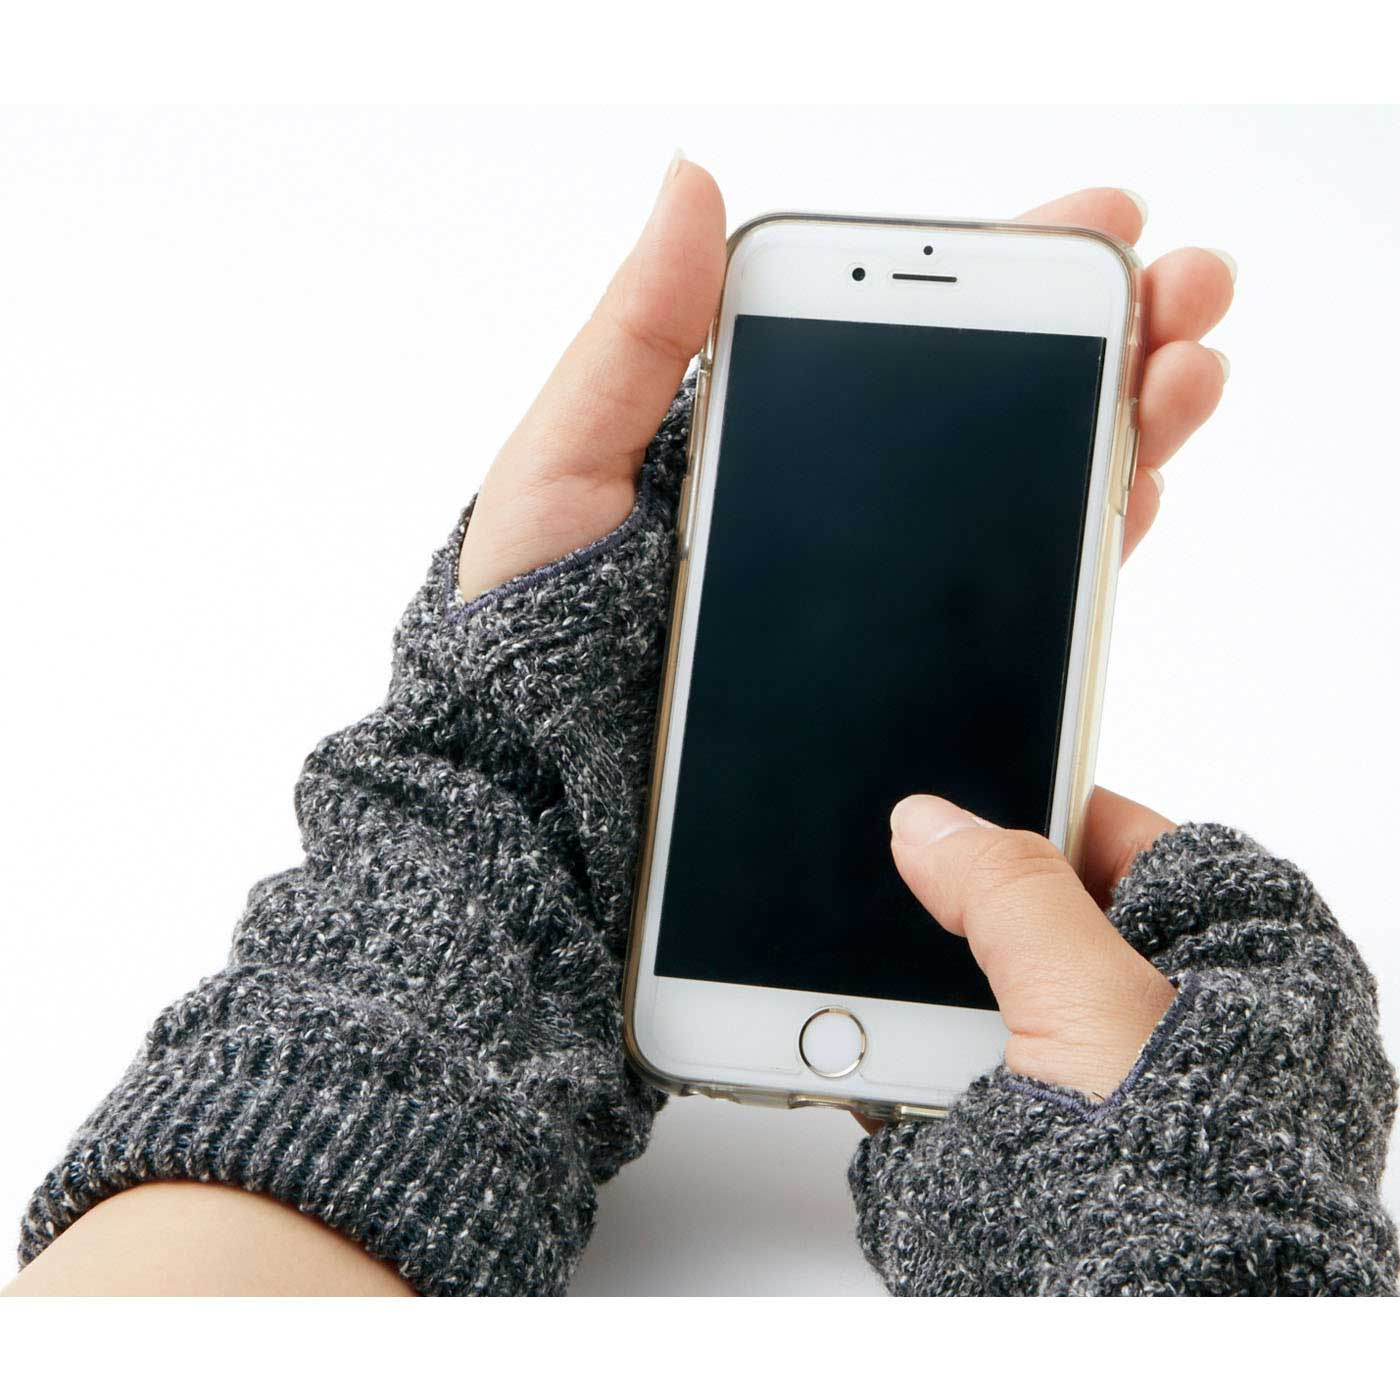 親指ホール付きで、スマートフォンやキーボード操作も快適です。